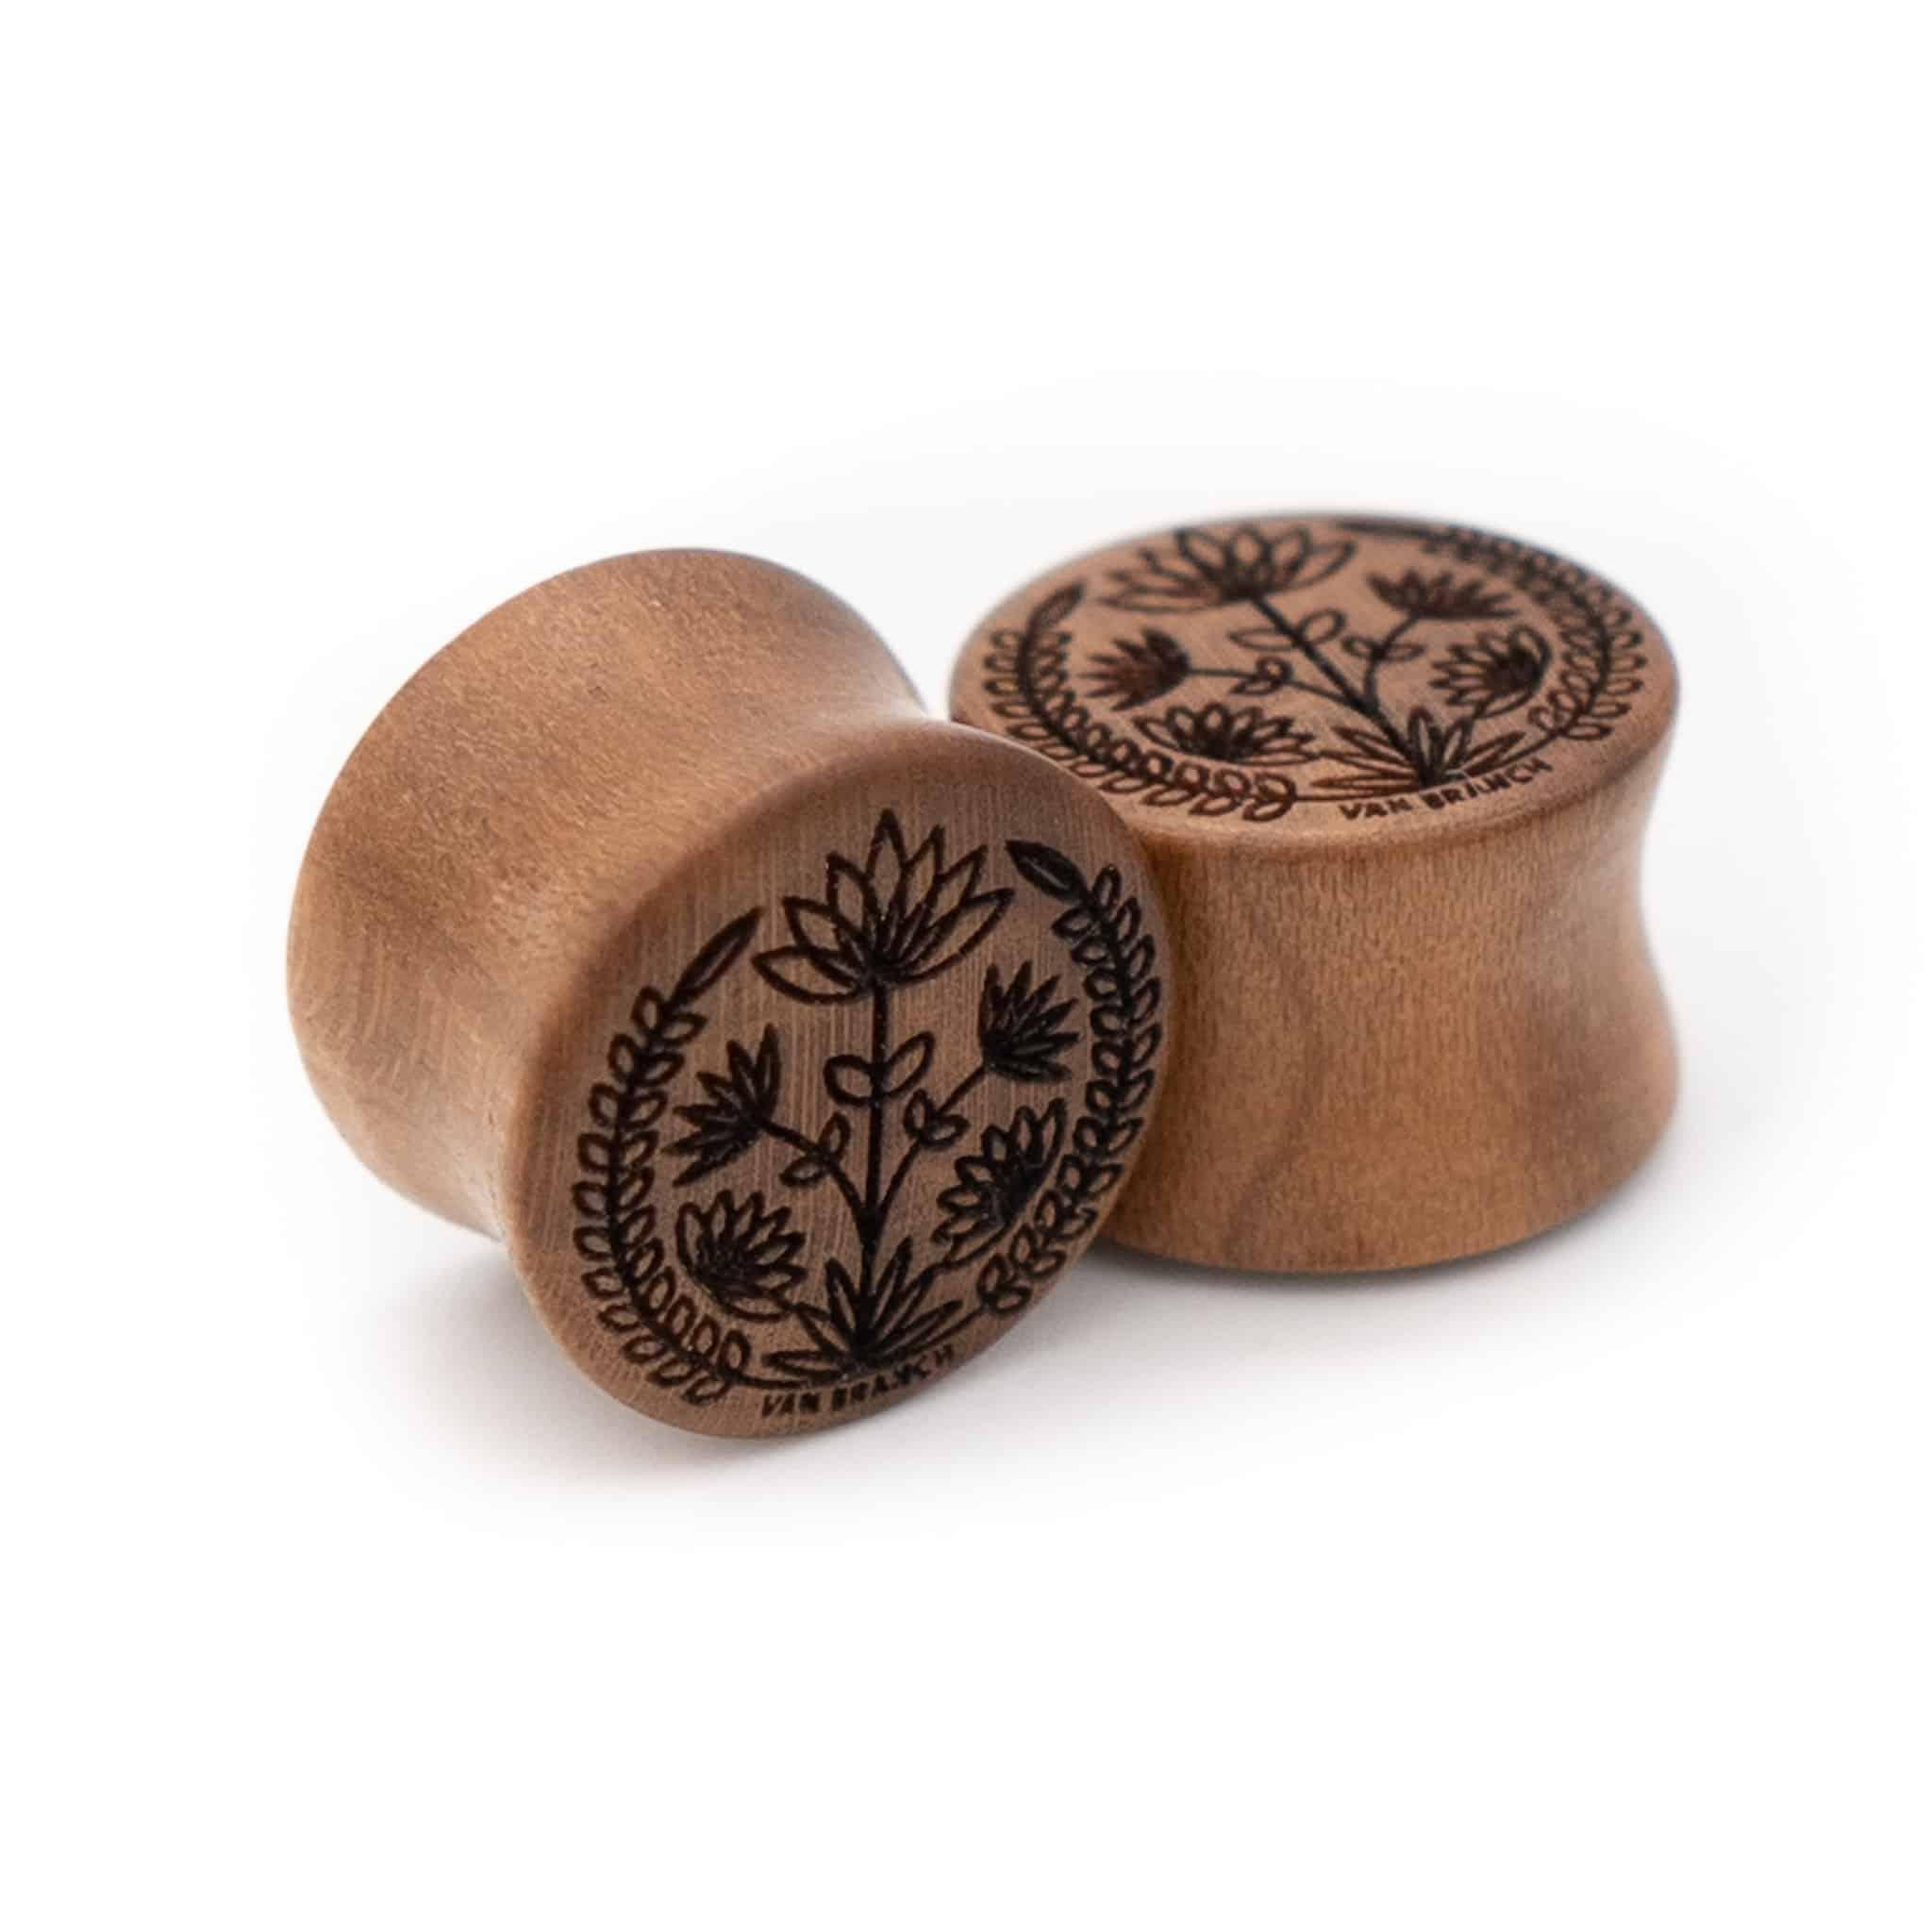 Handgefertigte 14mm Holzplugs für Ohren aus Pflaume mit Blumen Motiv